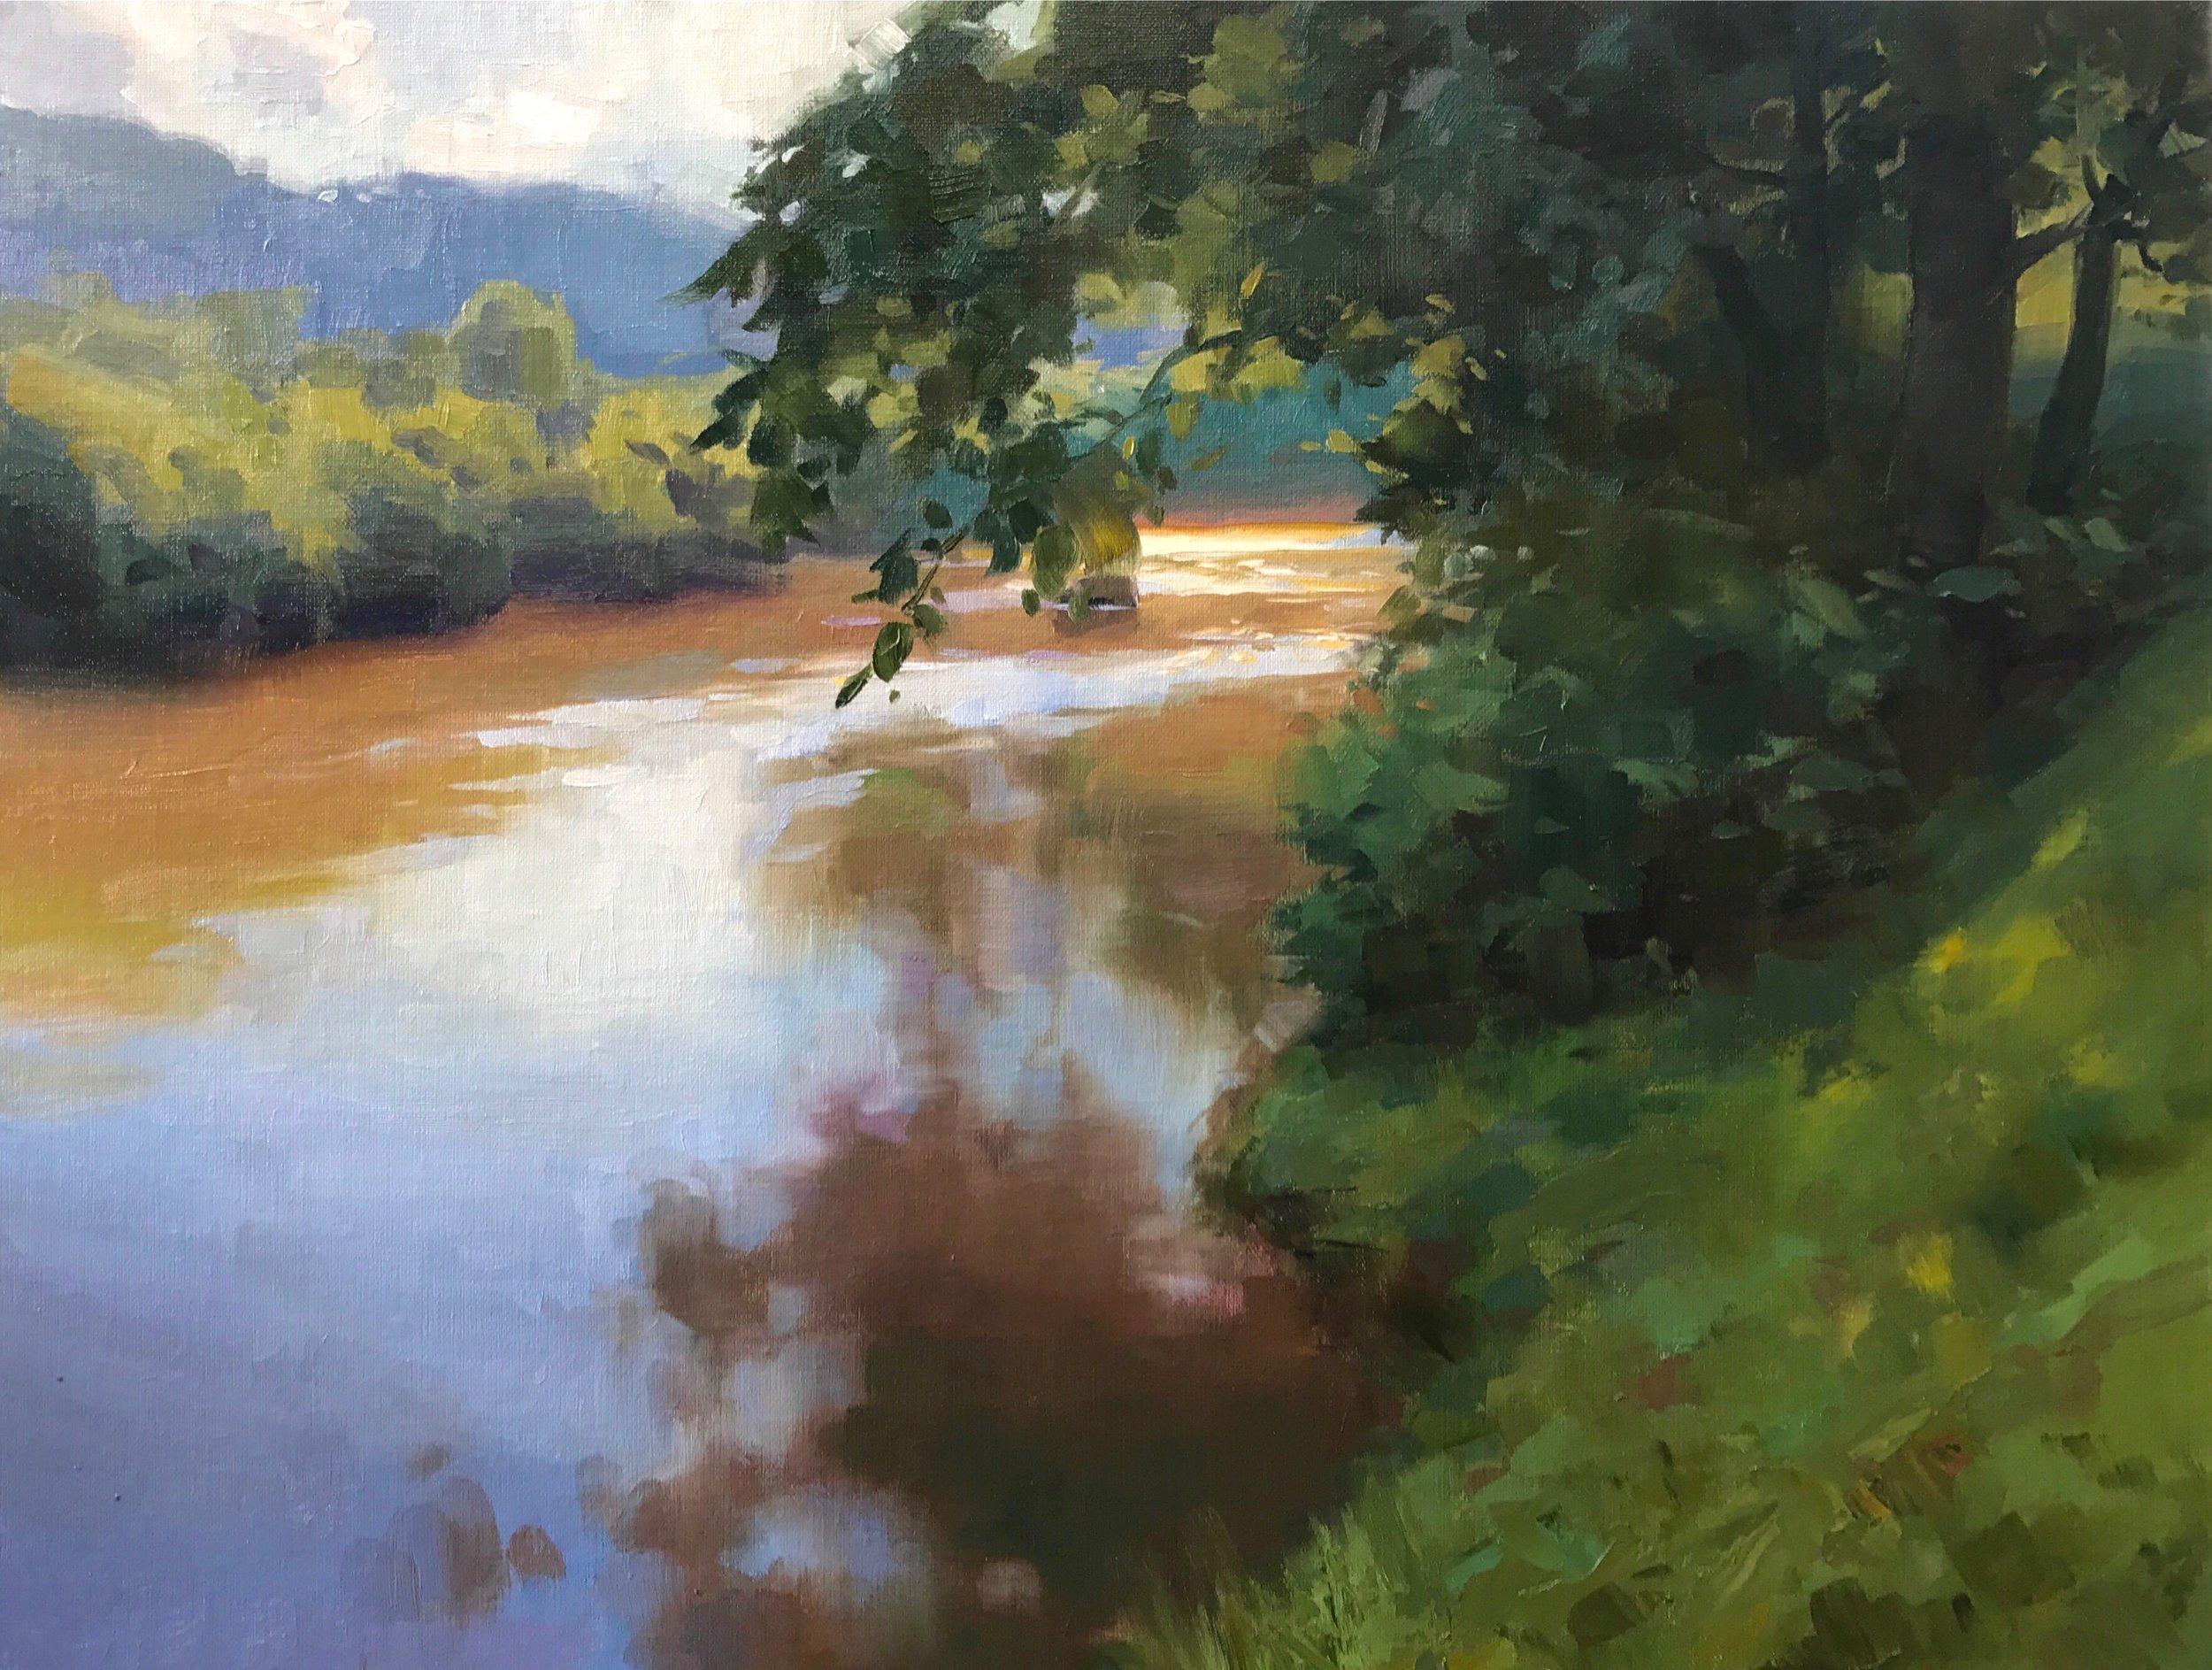 Light on the Little River